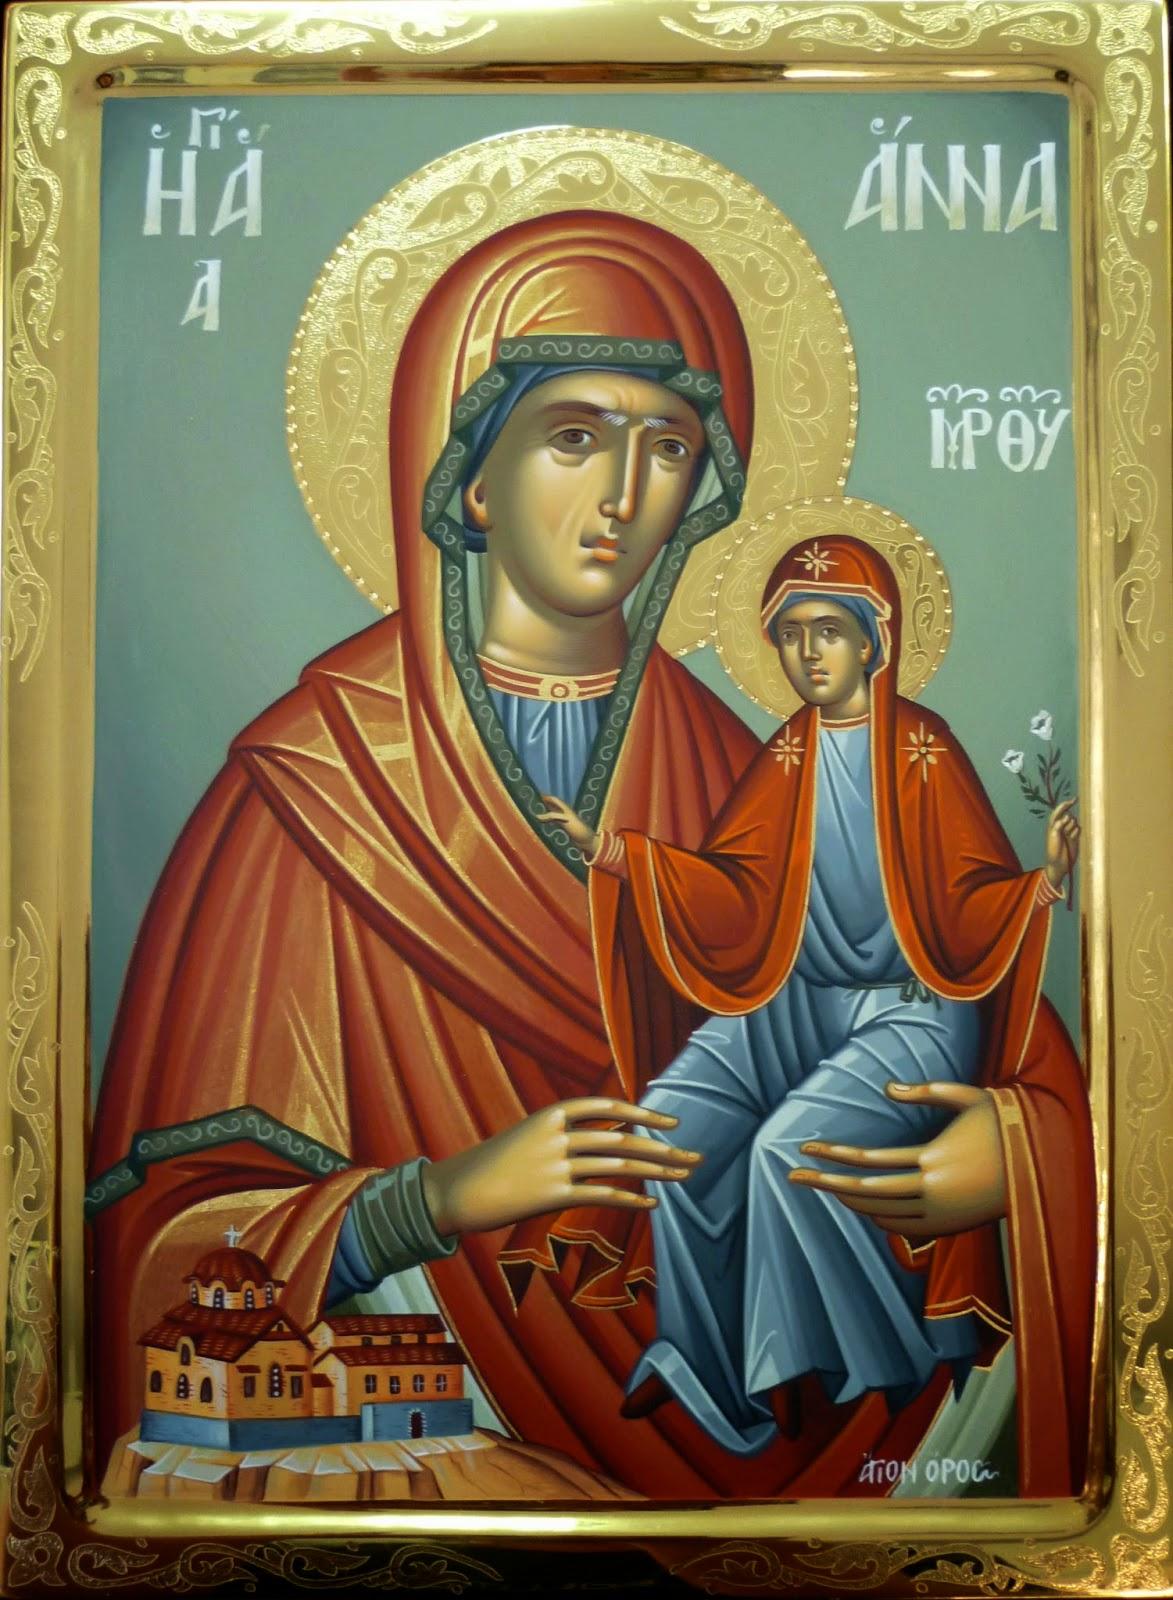 Αγία Άννα: η μητέρα της Θεοτόκου γιορτάζει σήμερα